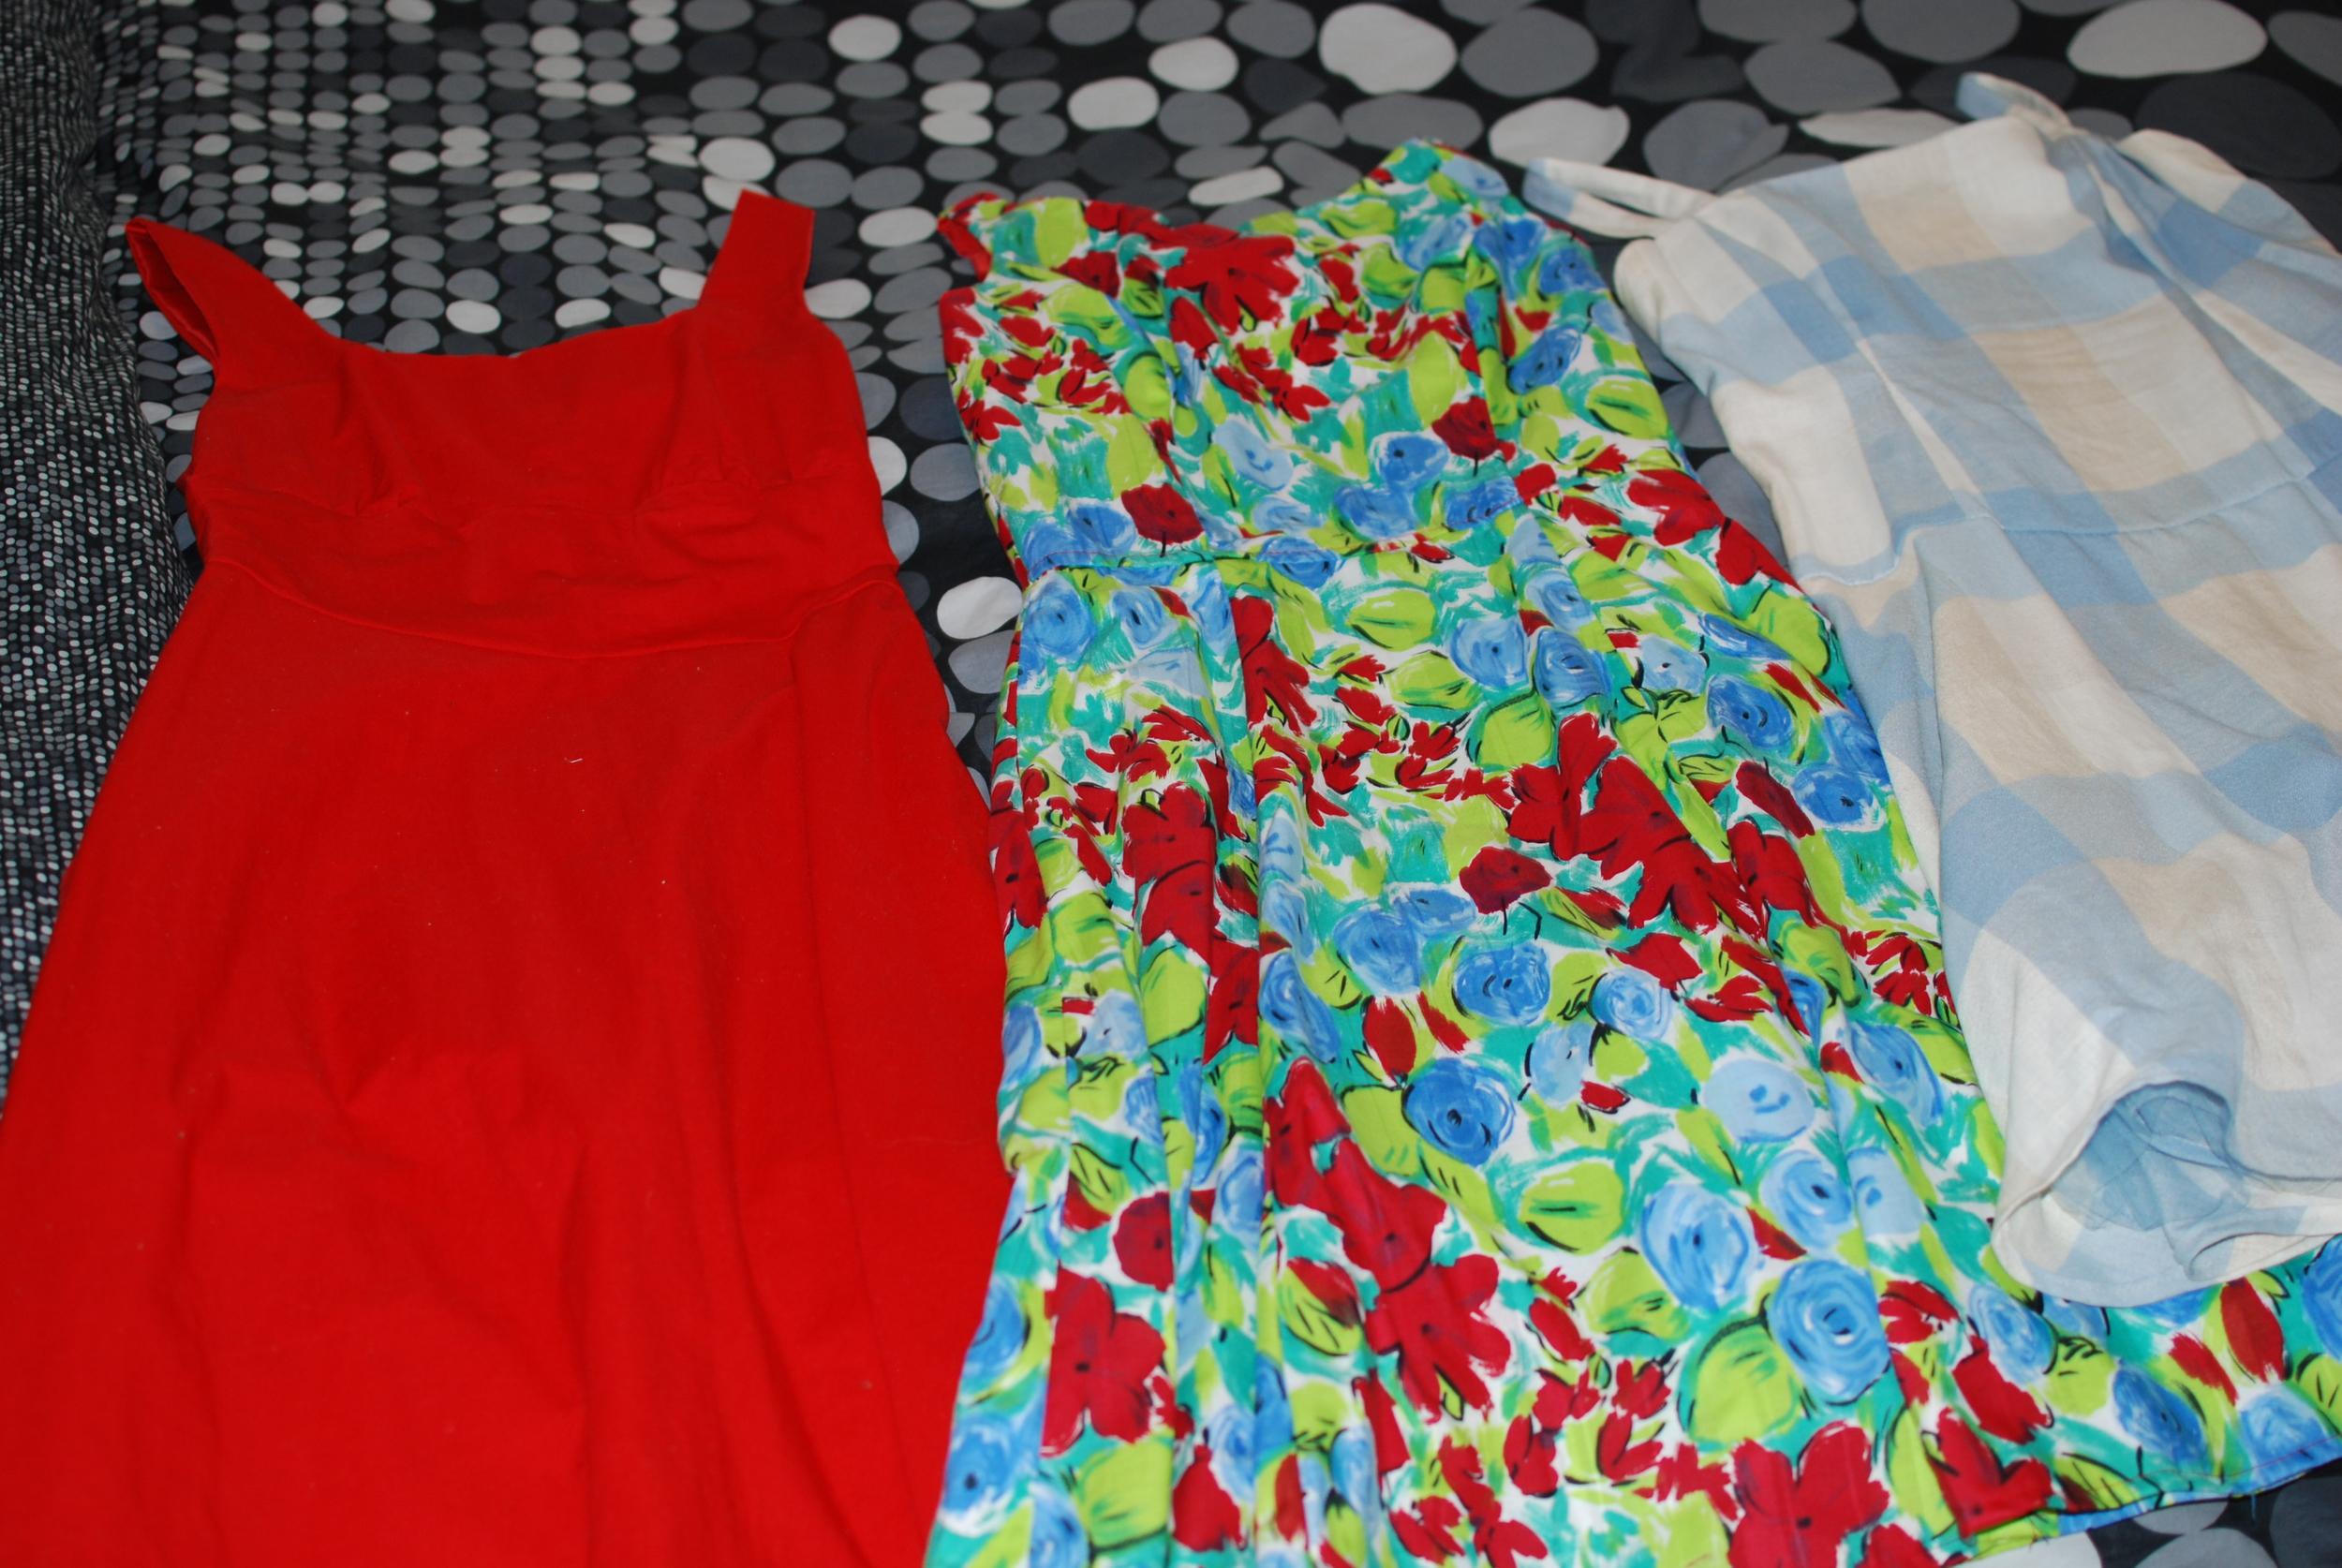 The Trio of Dresses